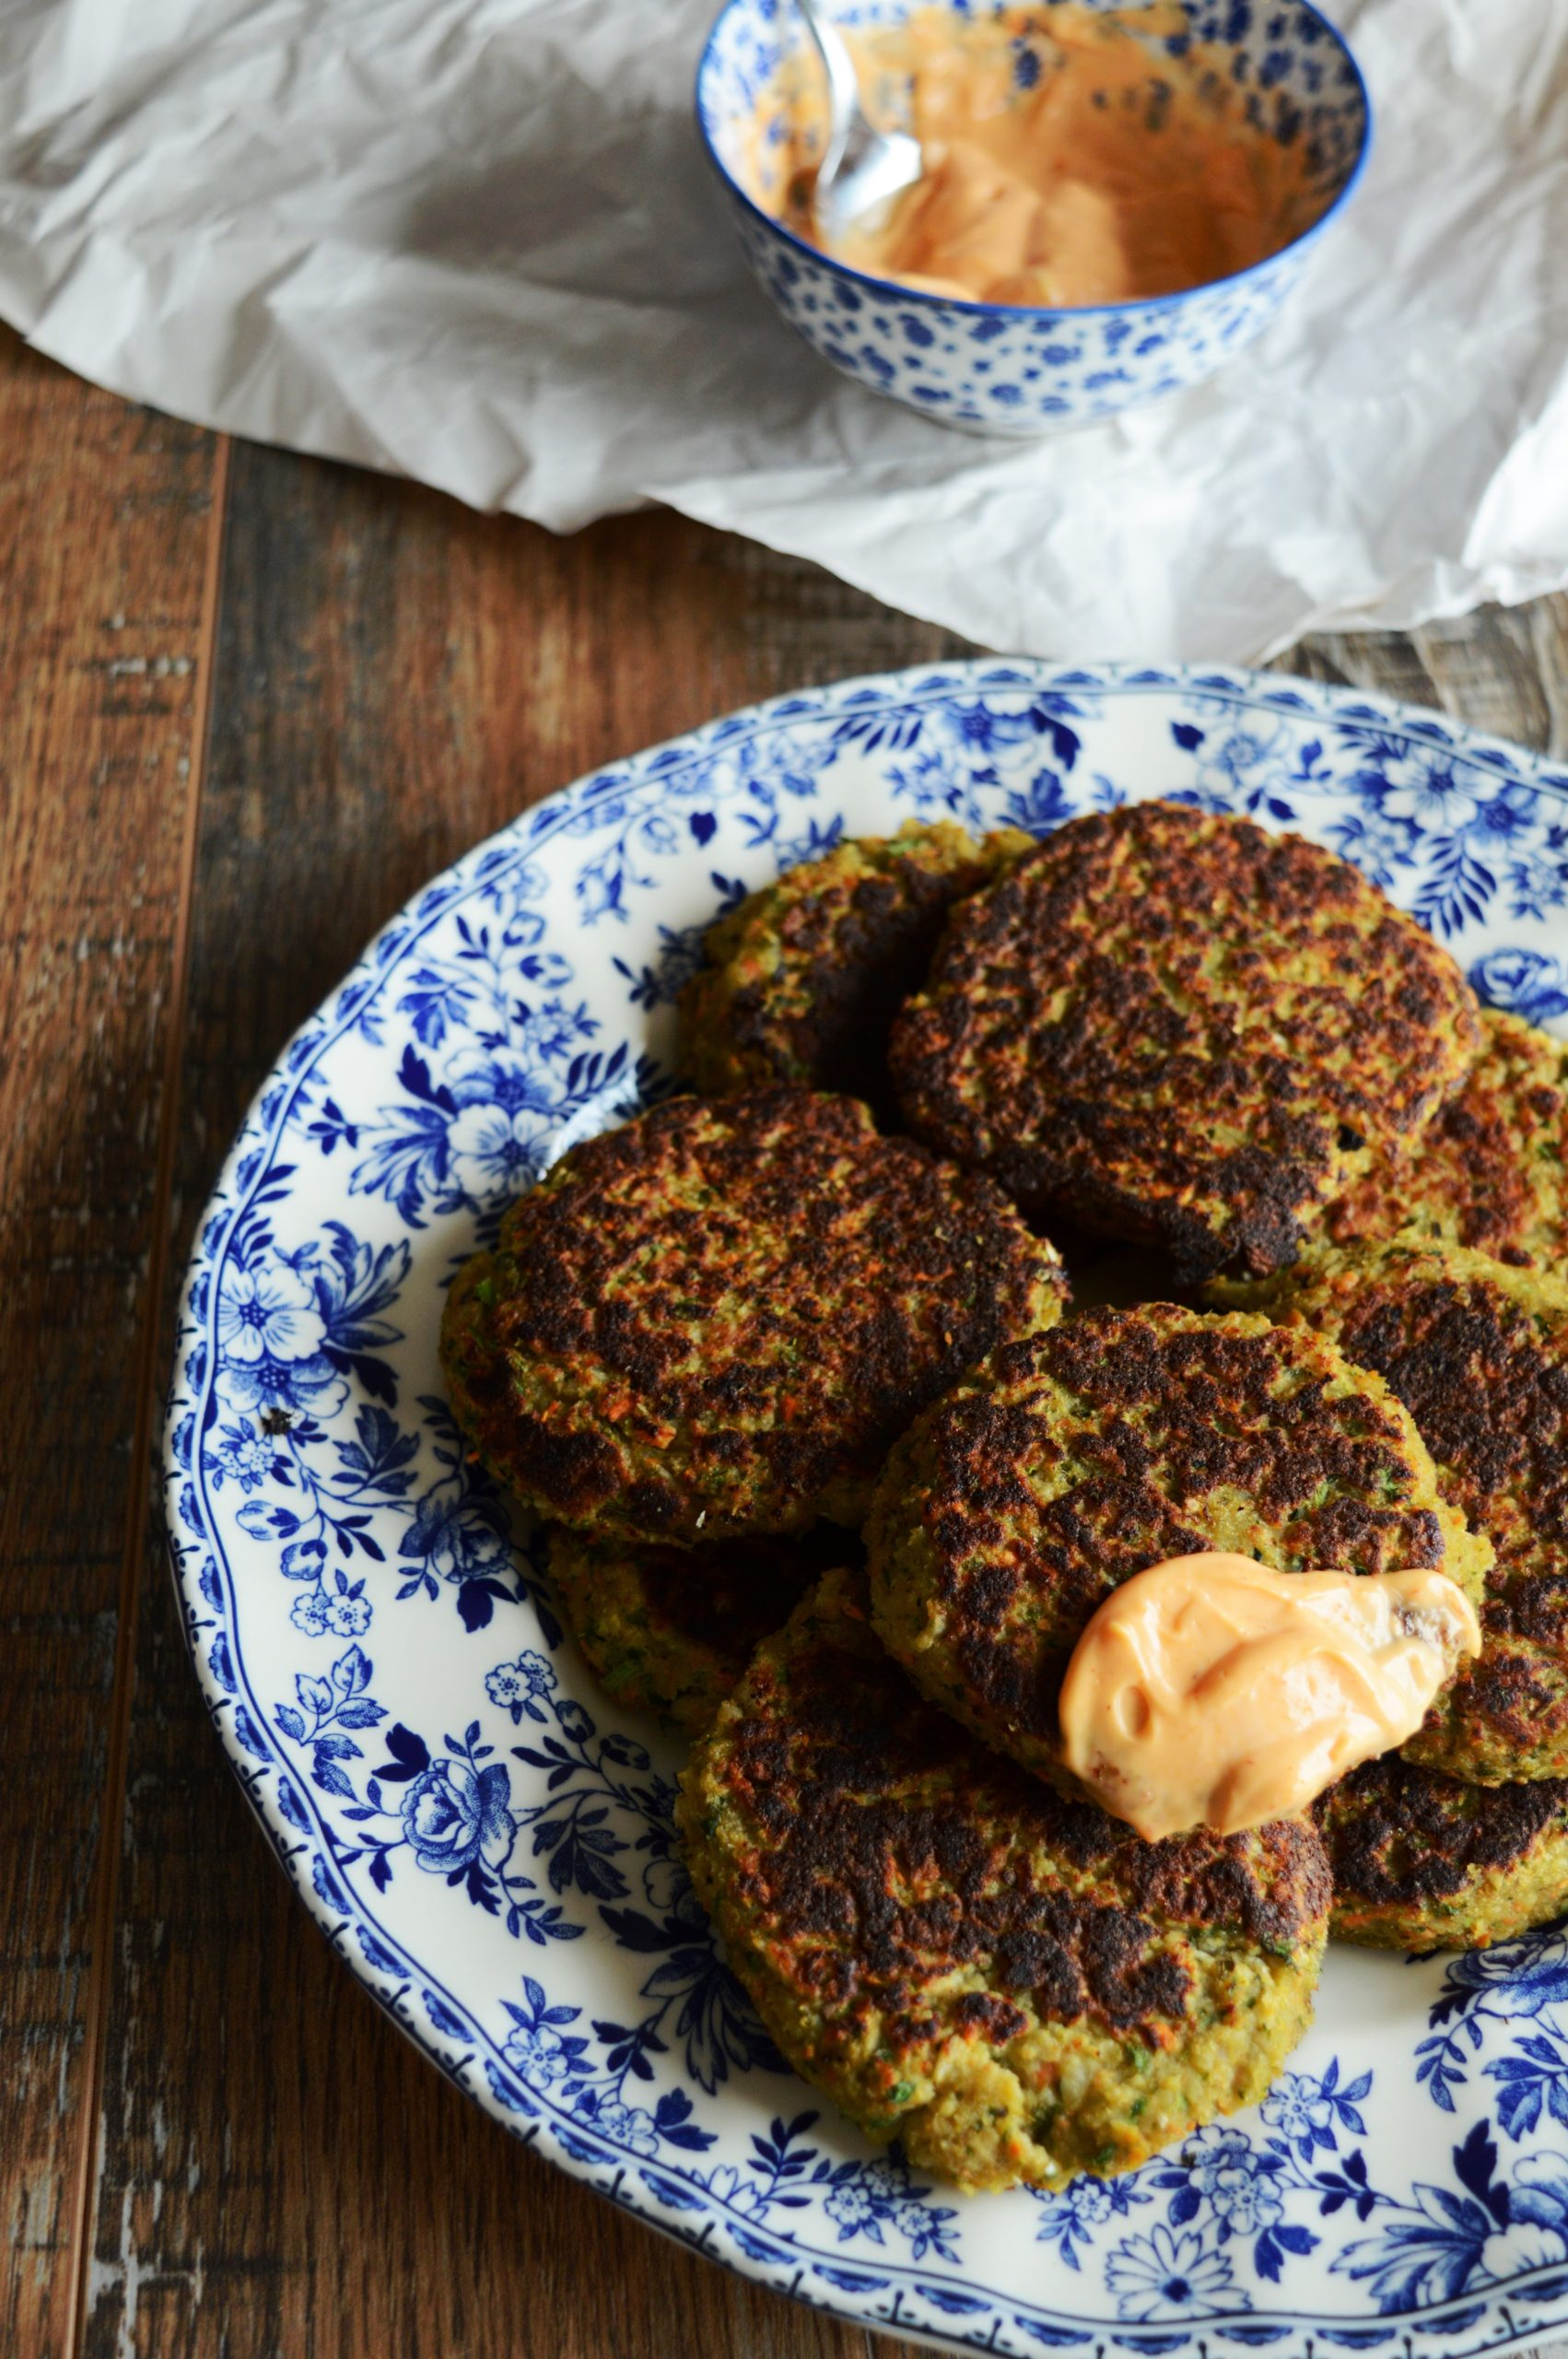 Photo Croquettes de saumon et legumes 1 scaled